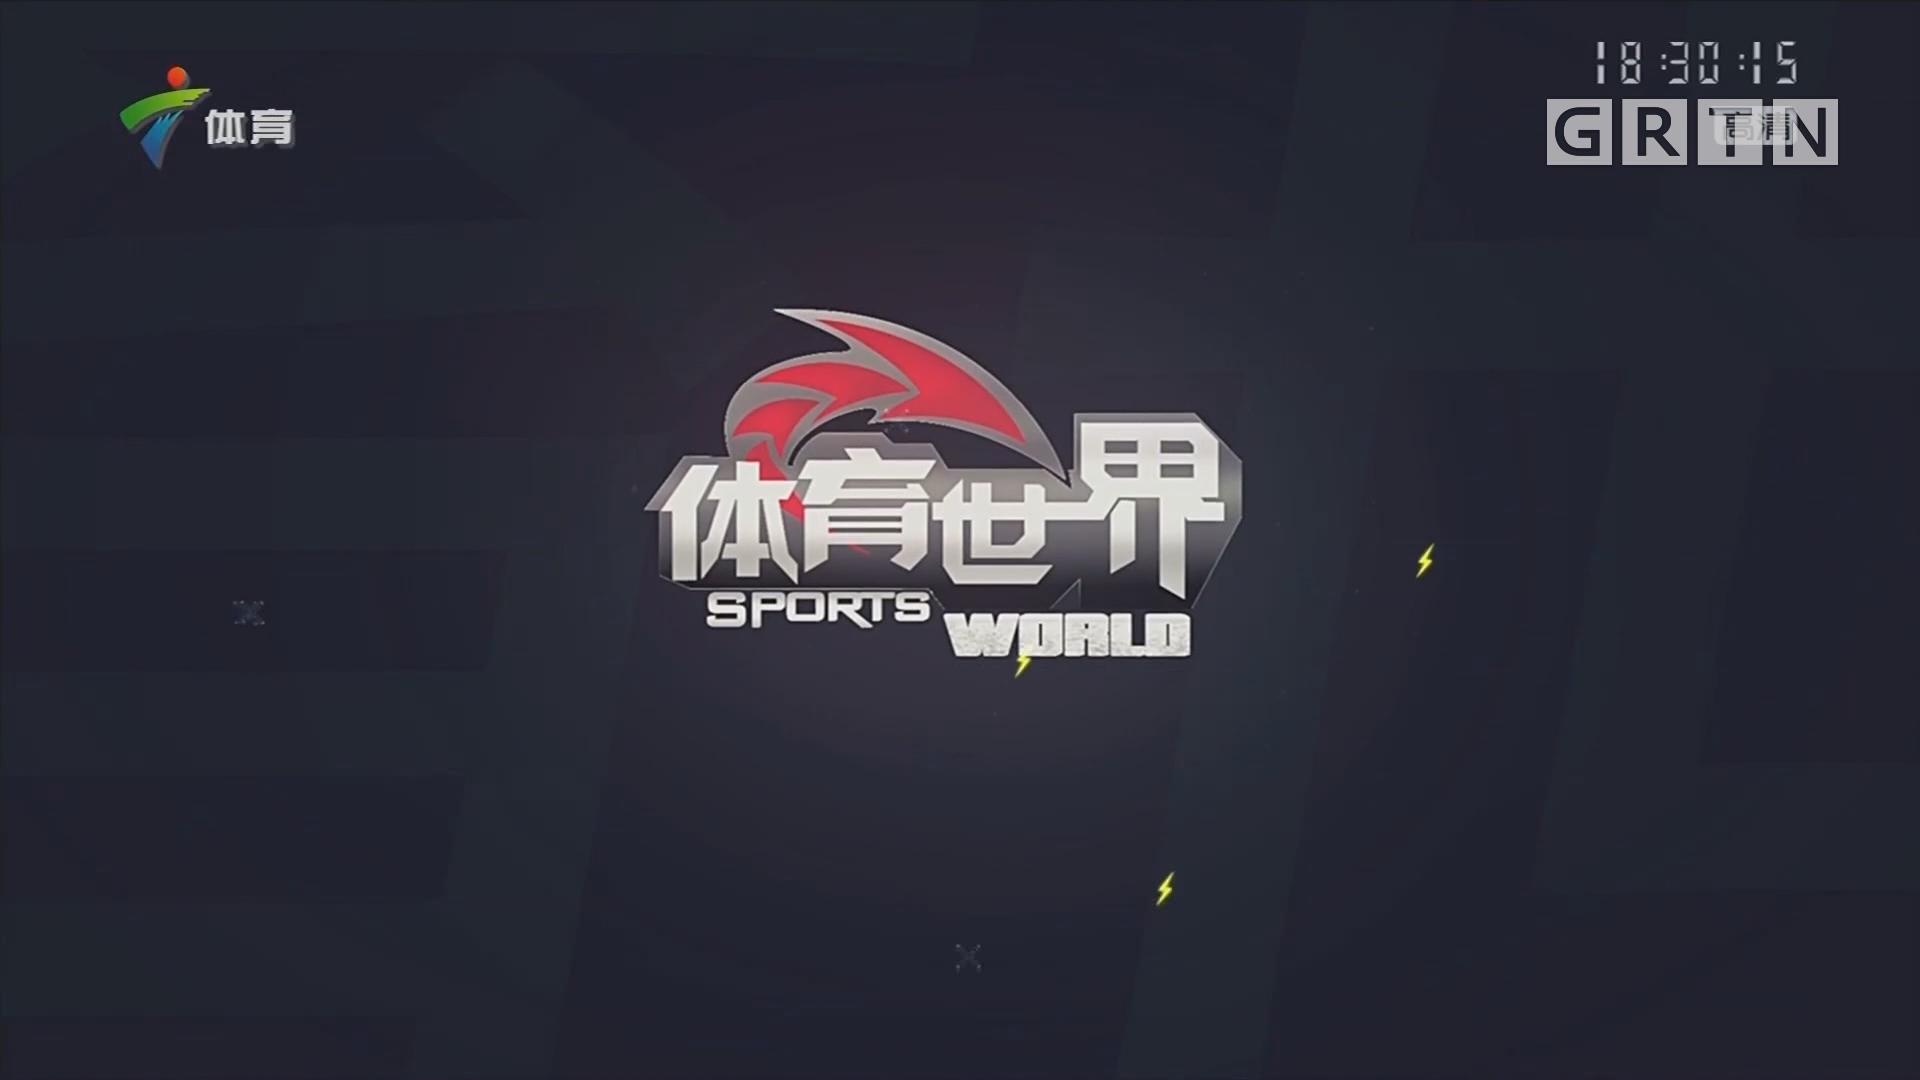 """[HD][2019-04-18]体育世界:2019年南粤古驿道""""天翼4K高清杯""""定向大赛即将开赛"""